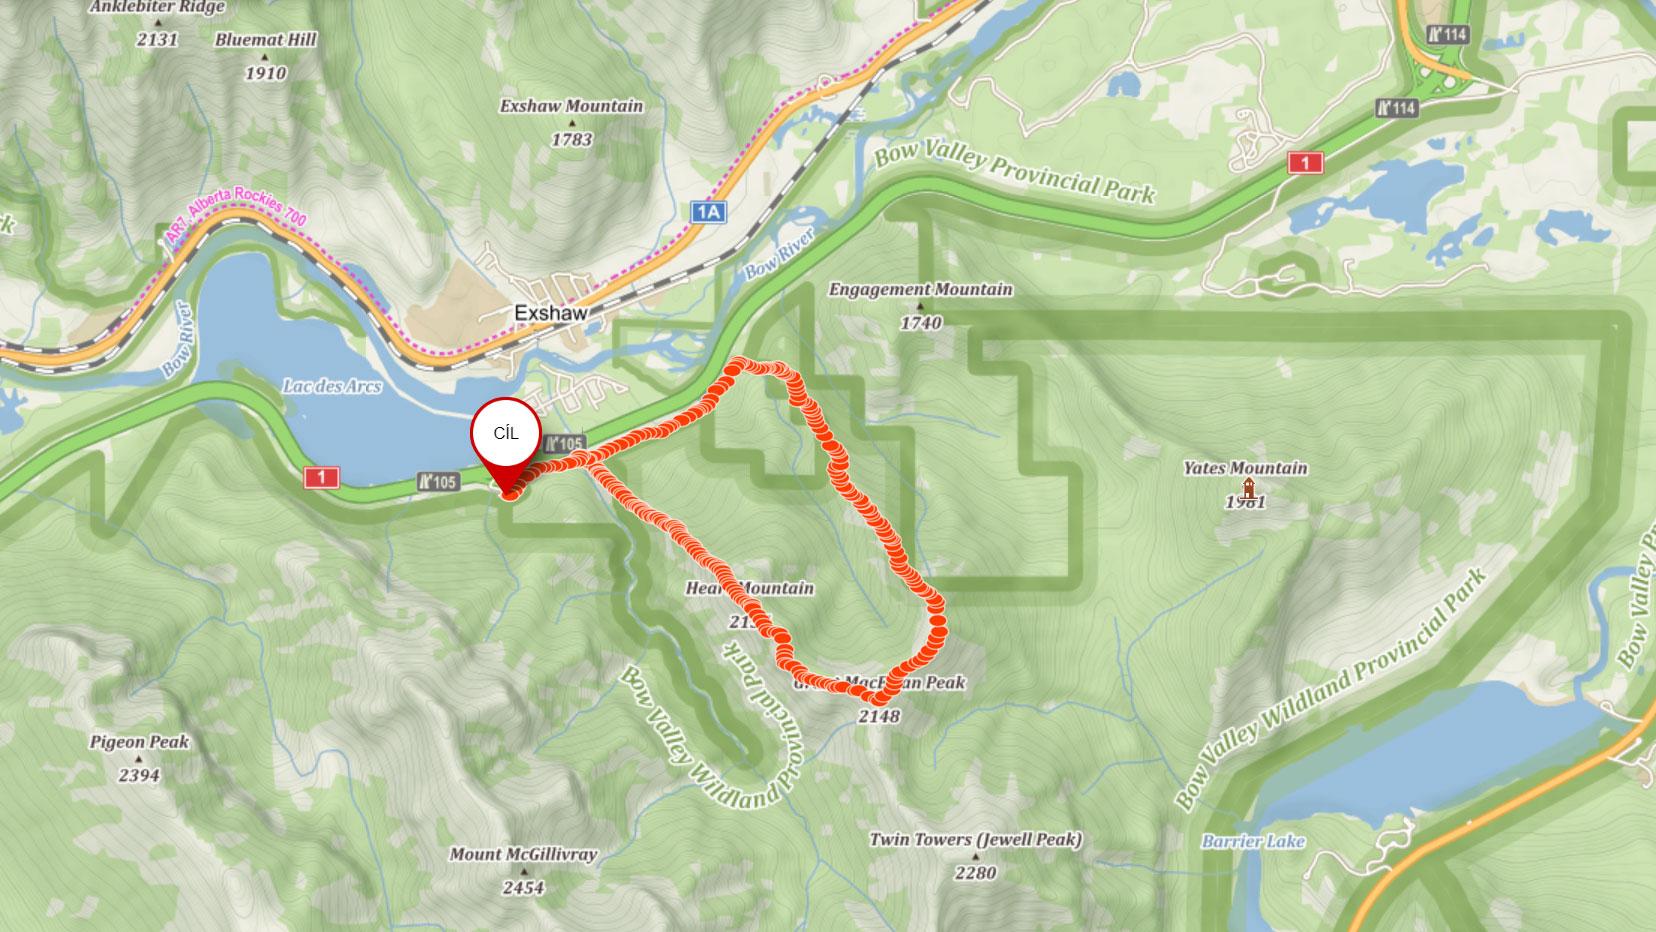 Popisovaná trasa na Heart Mountain v Kanadě